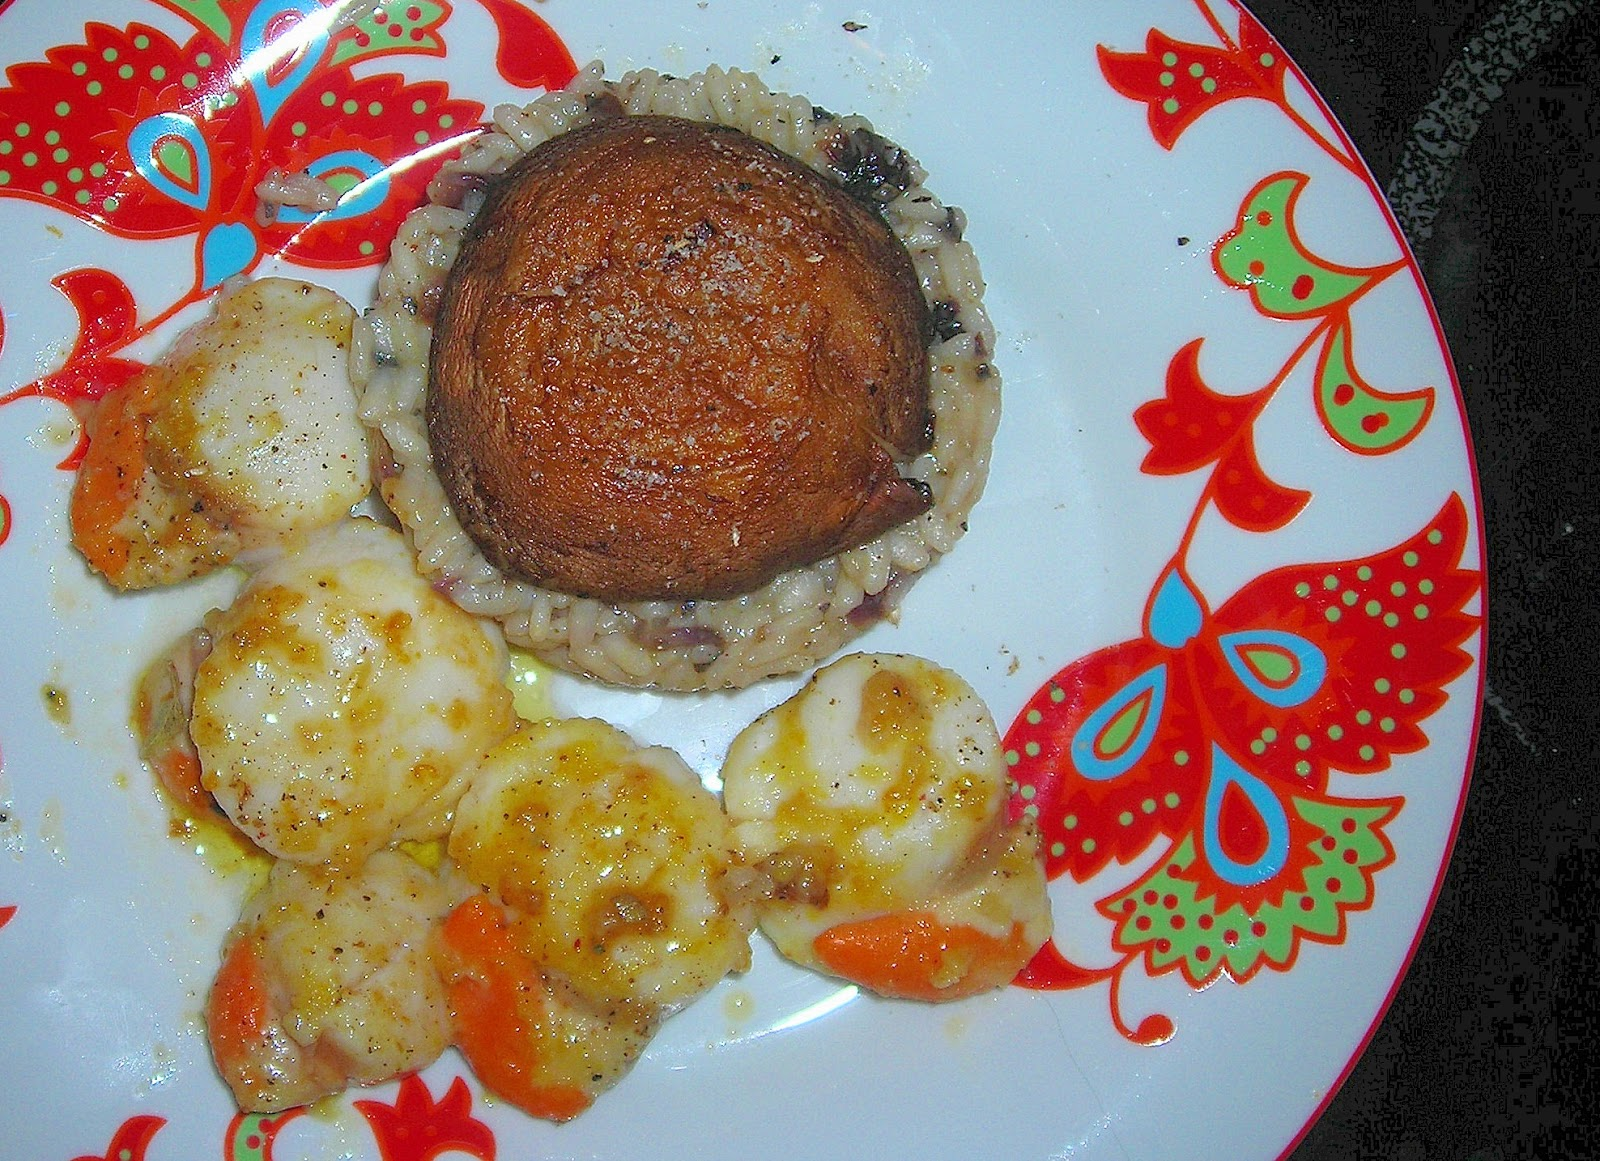 Cuisiner comme lettie les noix de st jacques au cidre - Comment cuisiner les noix de st jacques ...